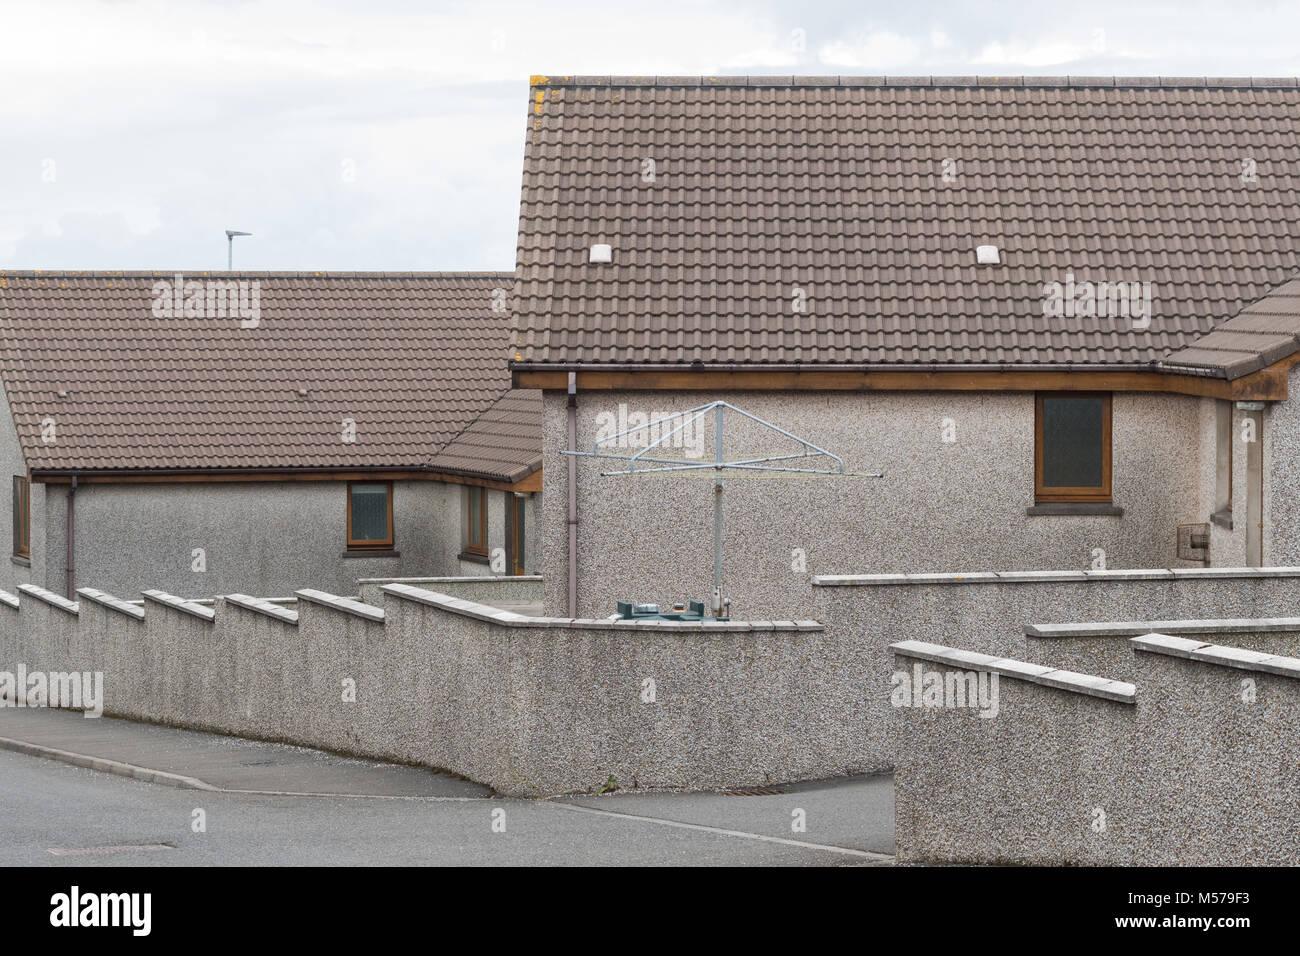 Pebble Dash case, Kirkwall, Orkney Islands, Scotland, Regno Unito Immagini Stock